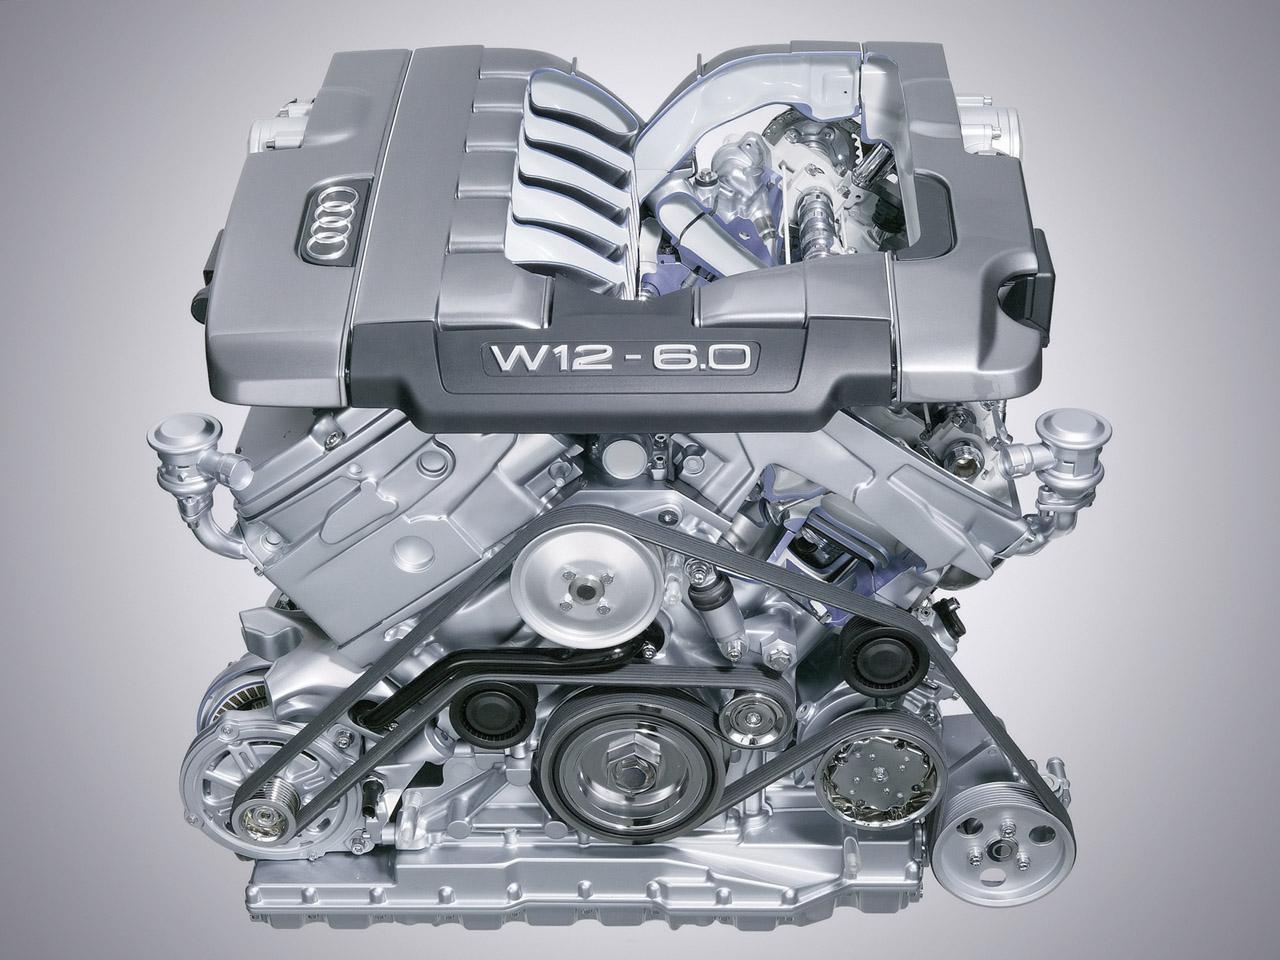 Audi A8 Engine Diagram Wiring Library S8 Fuse Box Location A8l 6 Quattro Cutaway 1280x960